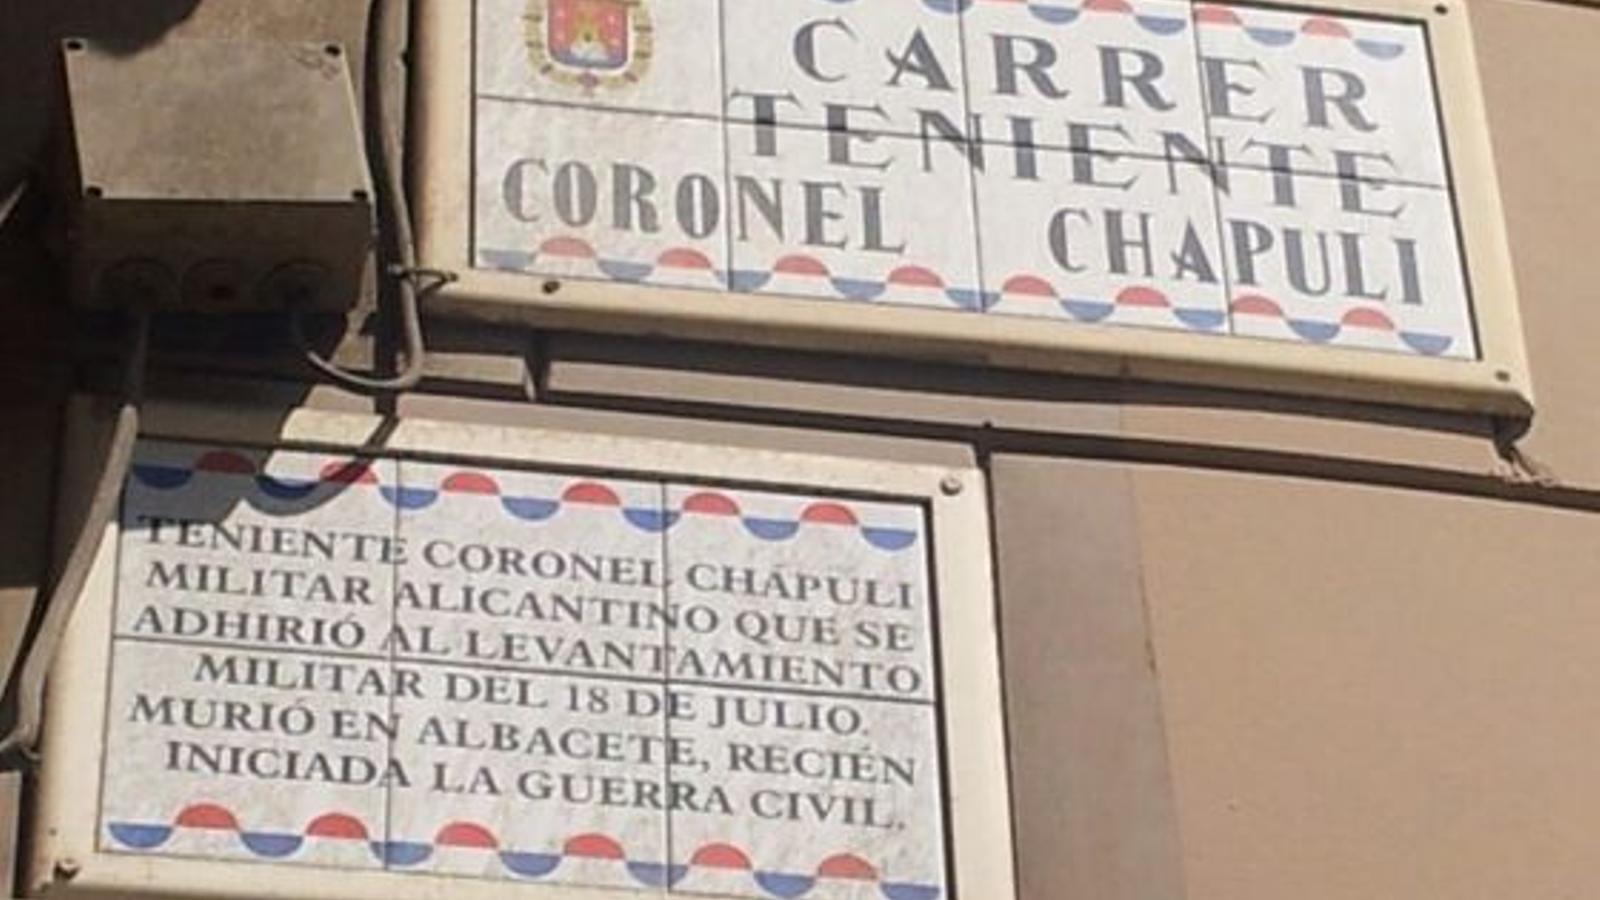 Un jutge ordena restaurar els noms franquistes de carrers retirats pel nou govern d'Alacant